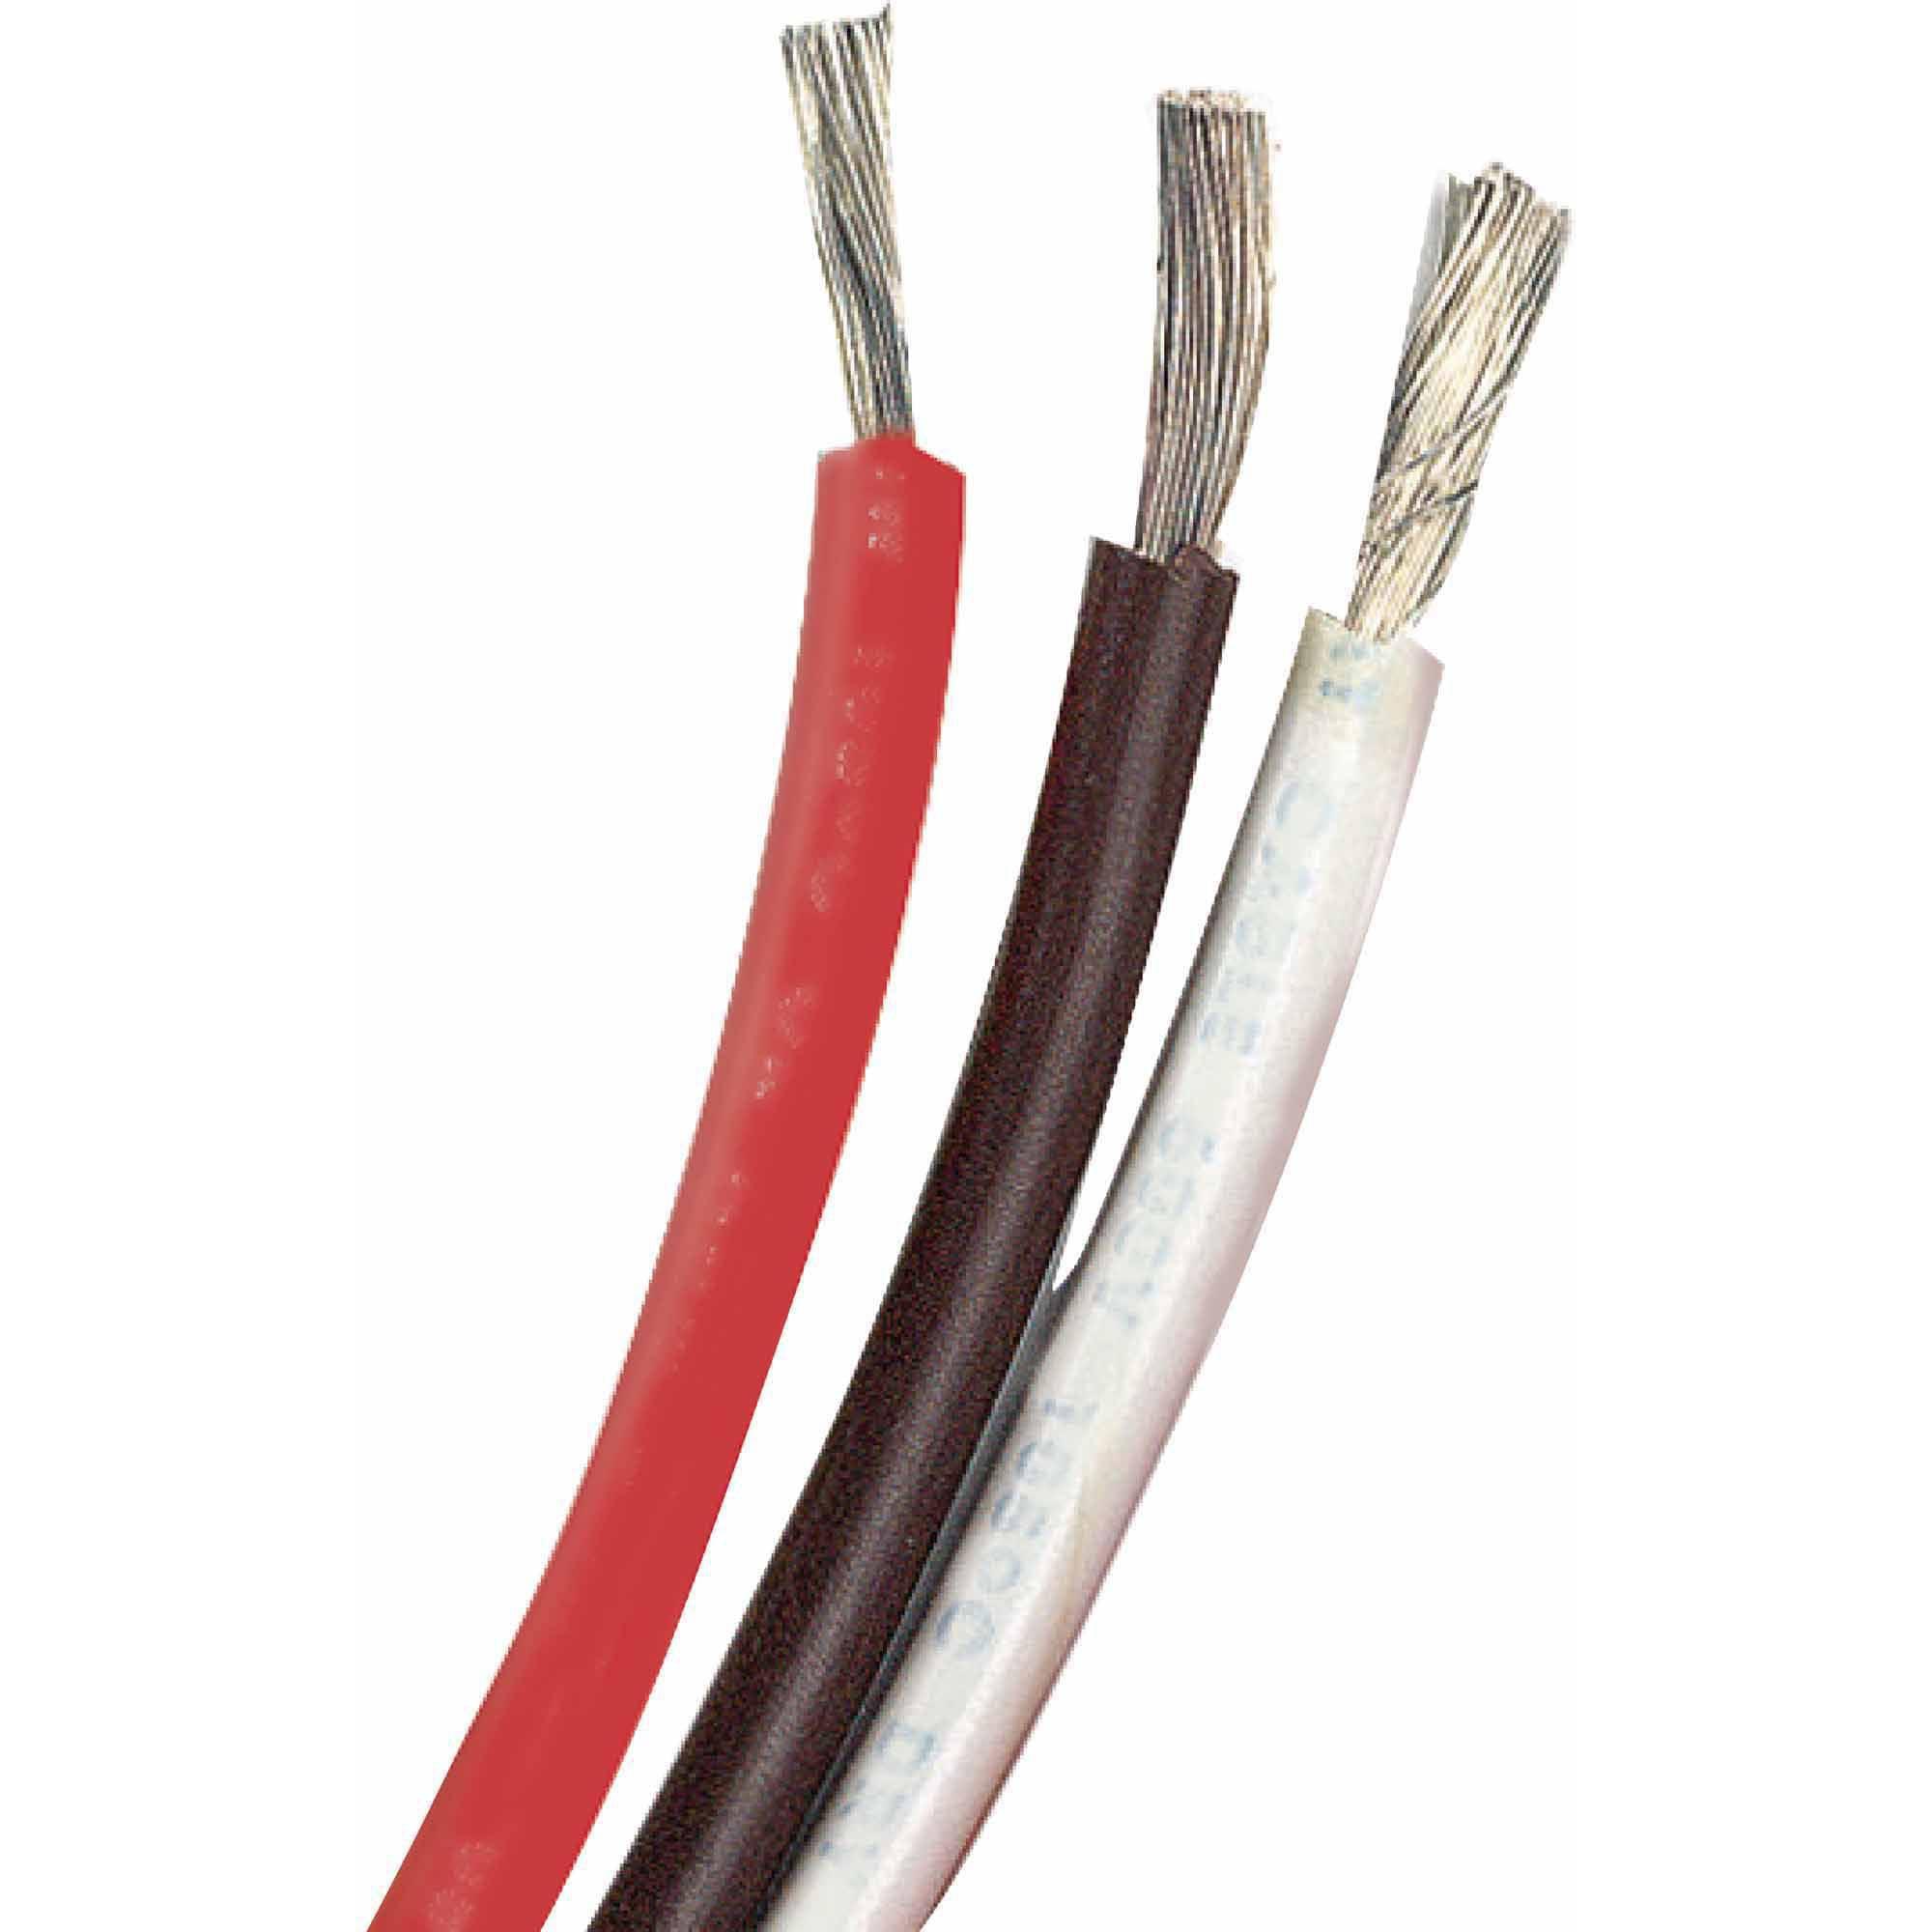 Ancor Marine Grade Tinned Copper Primary Wire, 18 ga